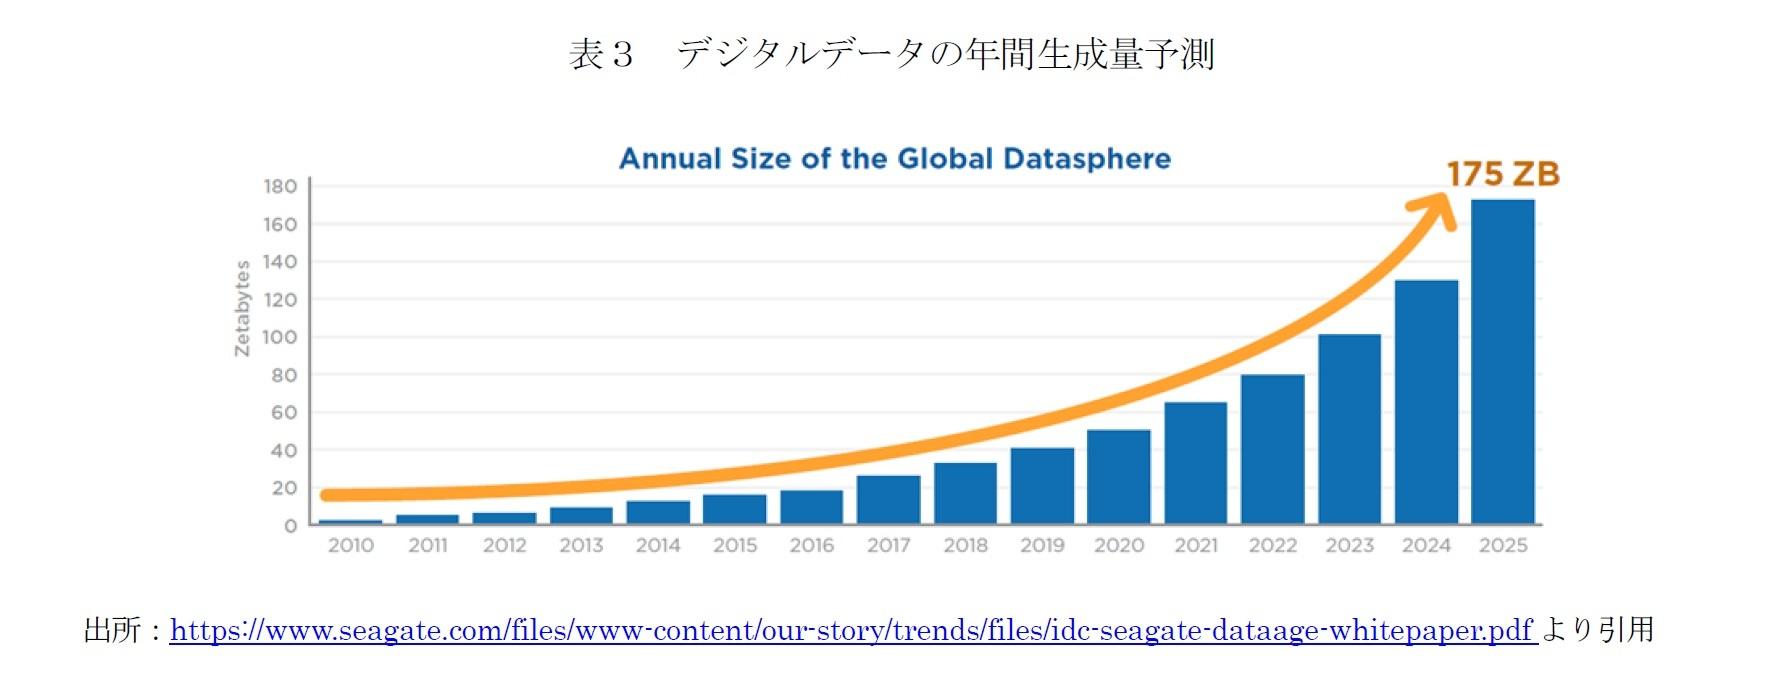 デジタルデータの年間生成量予測